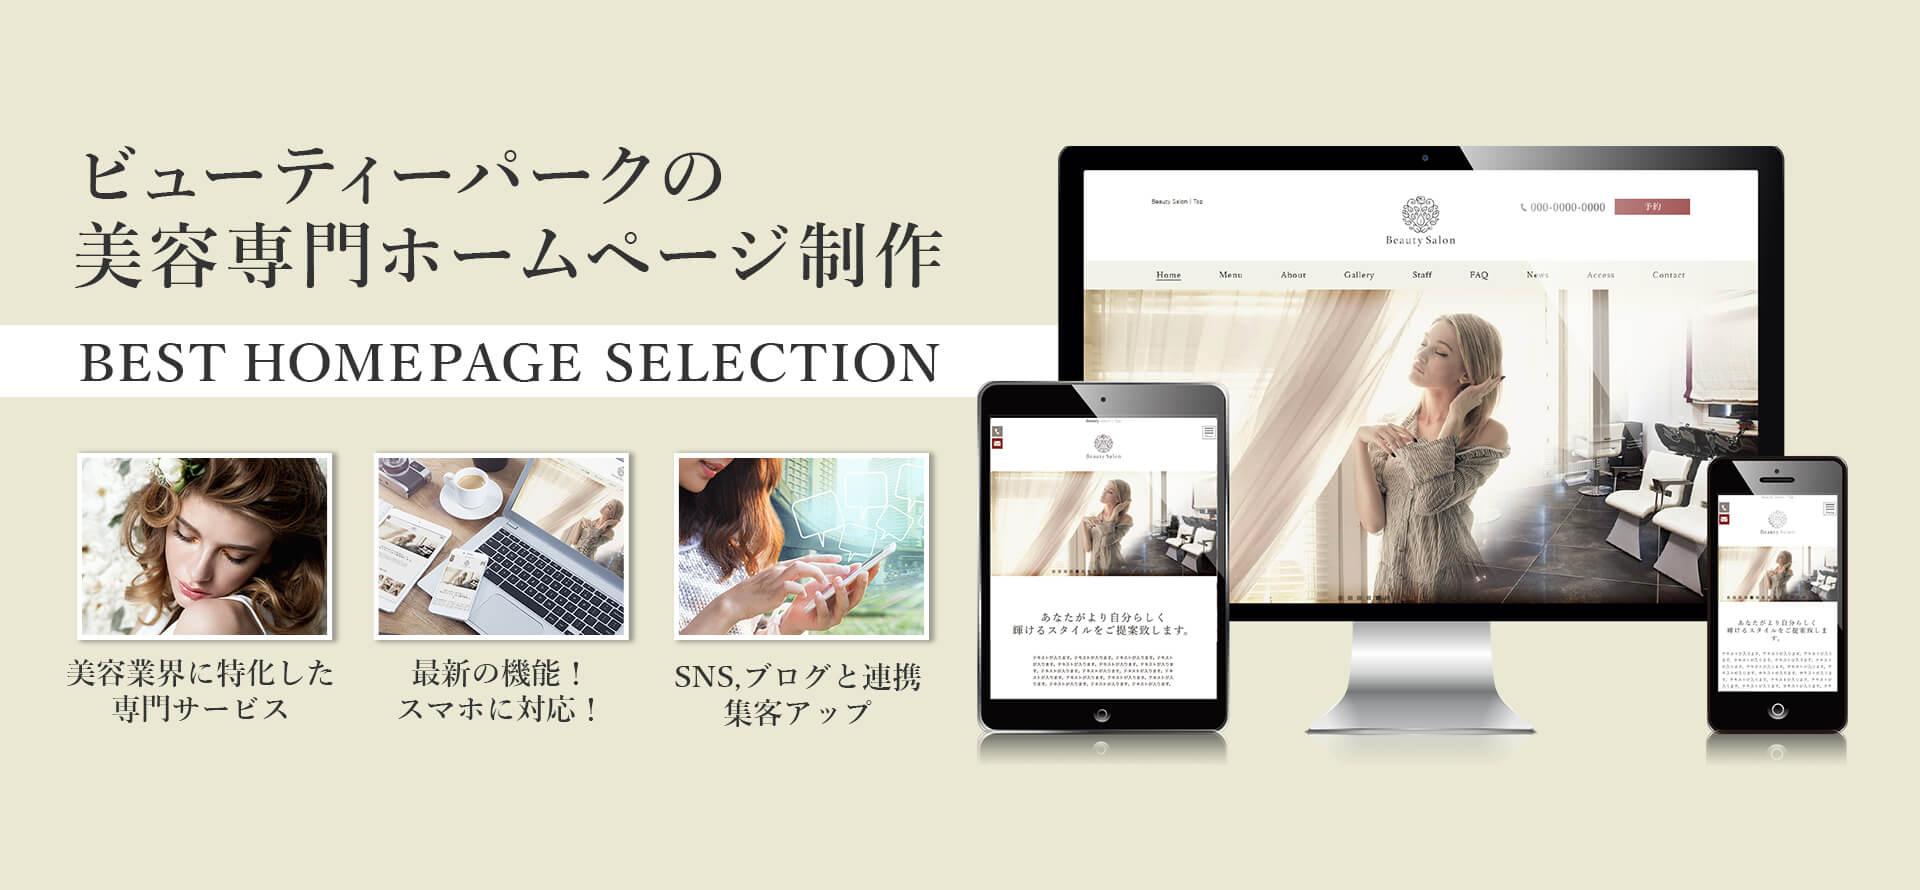 ビューティーパークの美容専門ホームページ制作